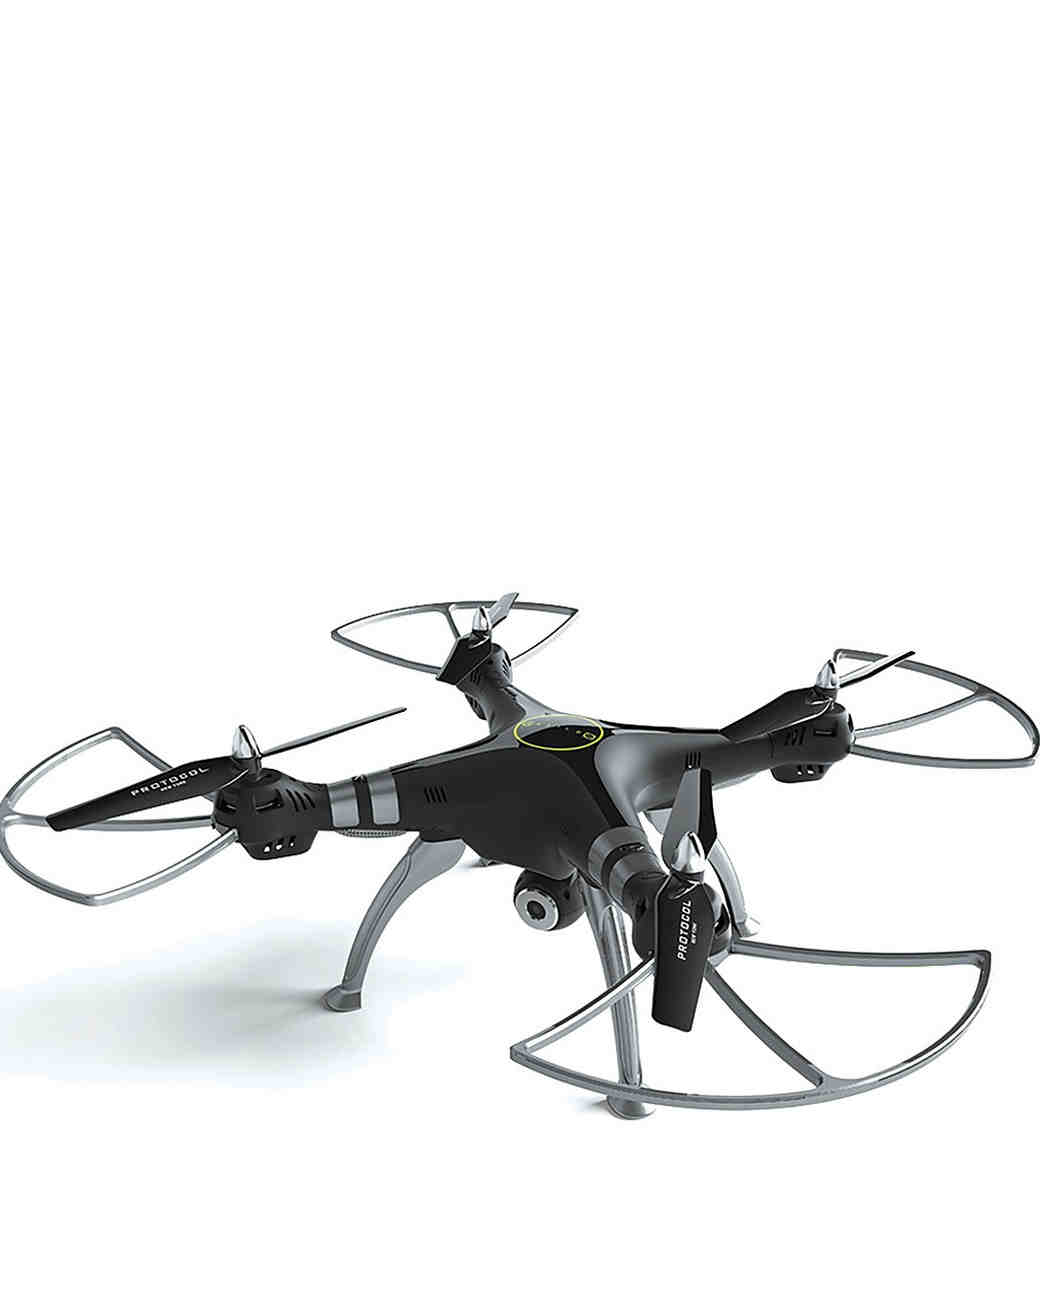 grooms-gift-video-drone-0616.jpg